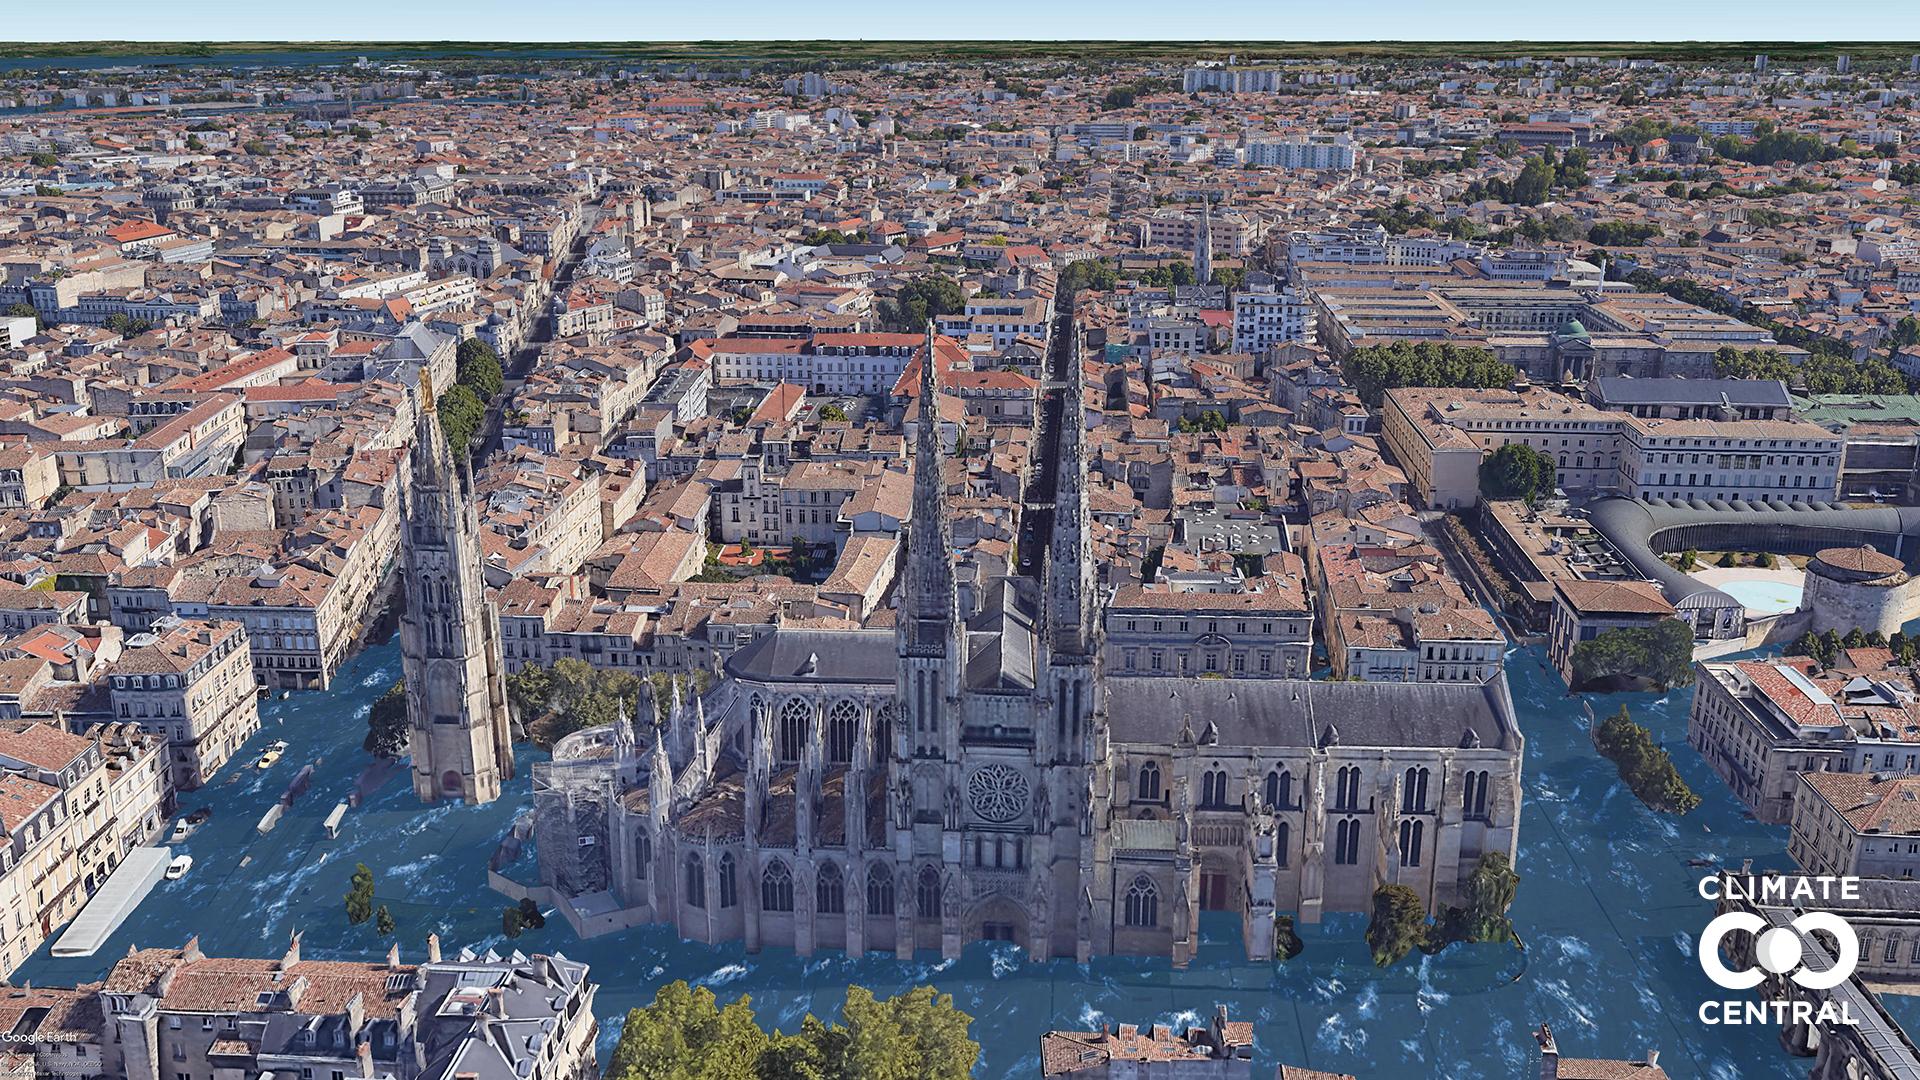 Các thành phố lớn sẽ thế nào nếu Trái đất tăng thêm 3 độ C? - ảnh 18